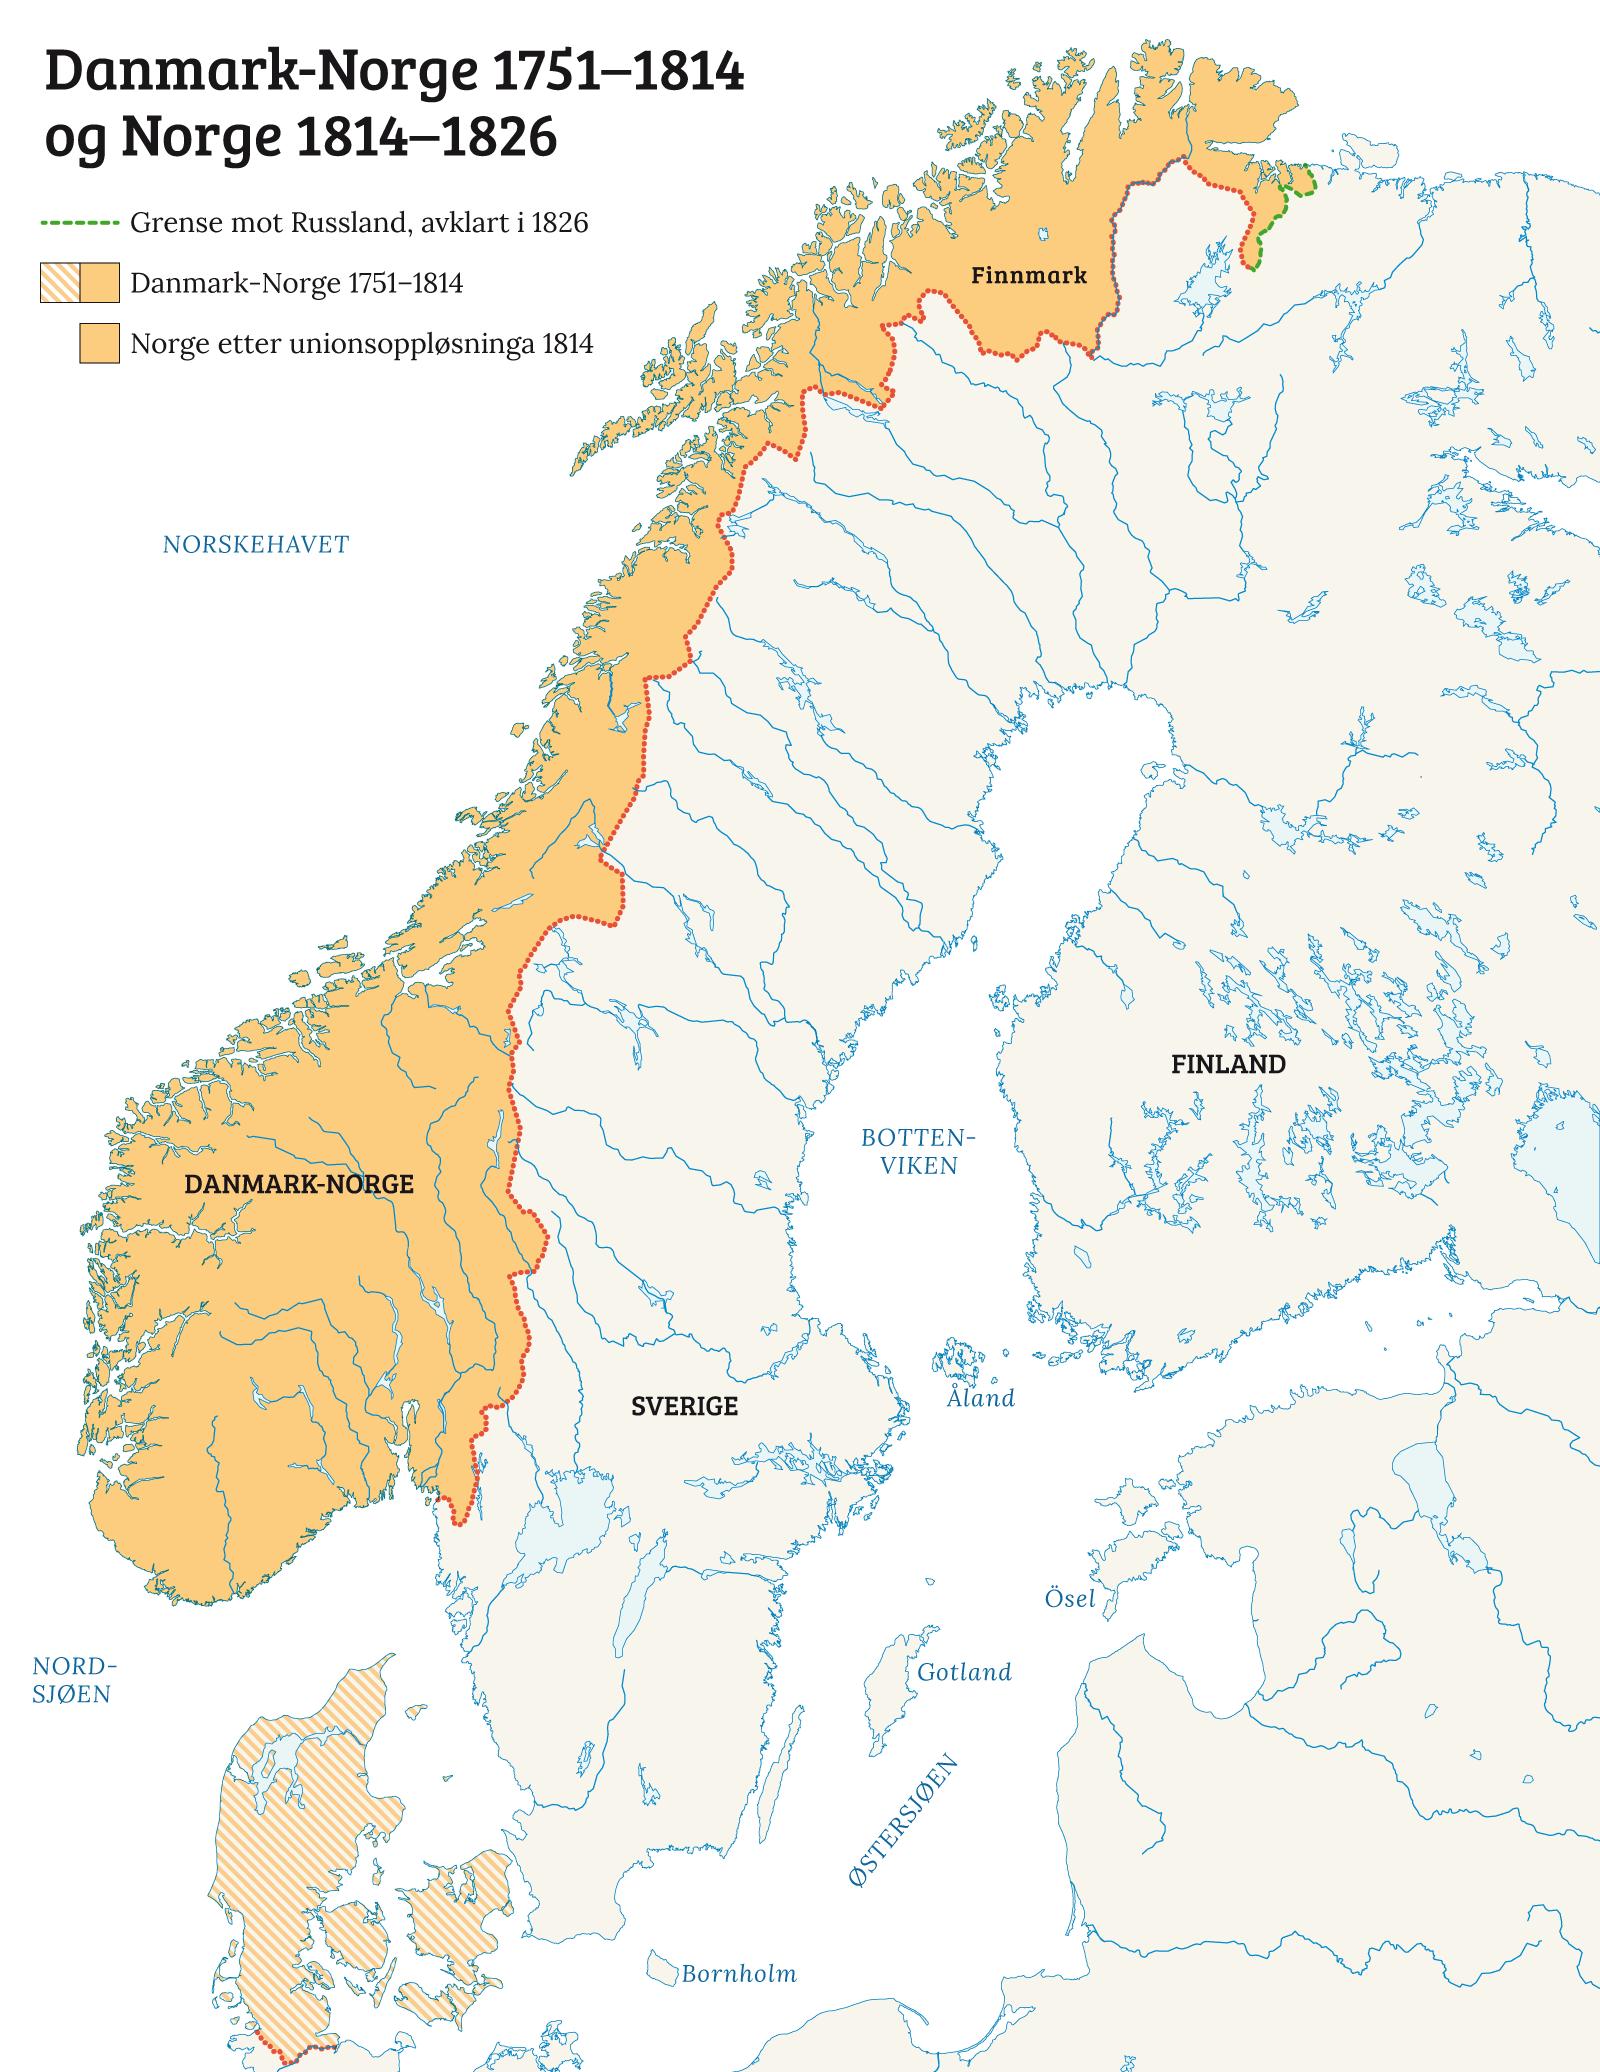 kart danmark norge Den uakseptable Kieltraktaten   Norgeshistorie kart danmark norge